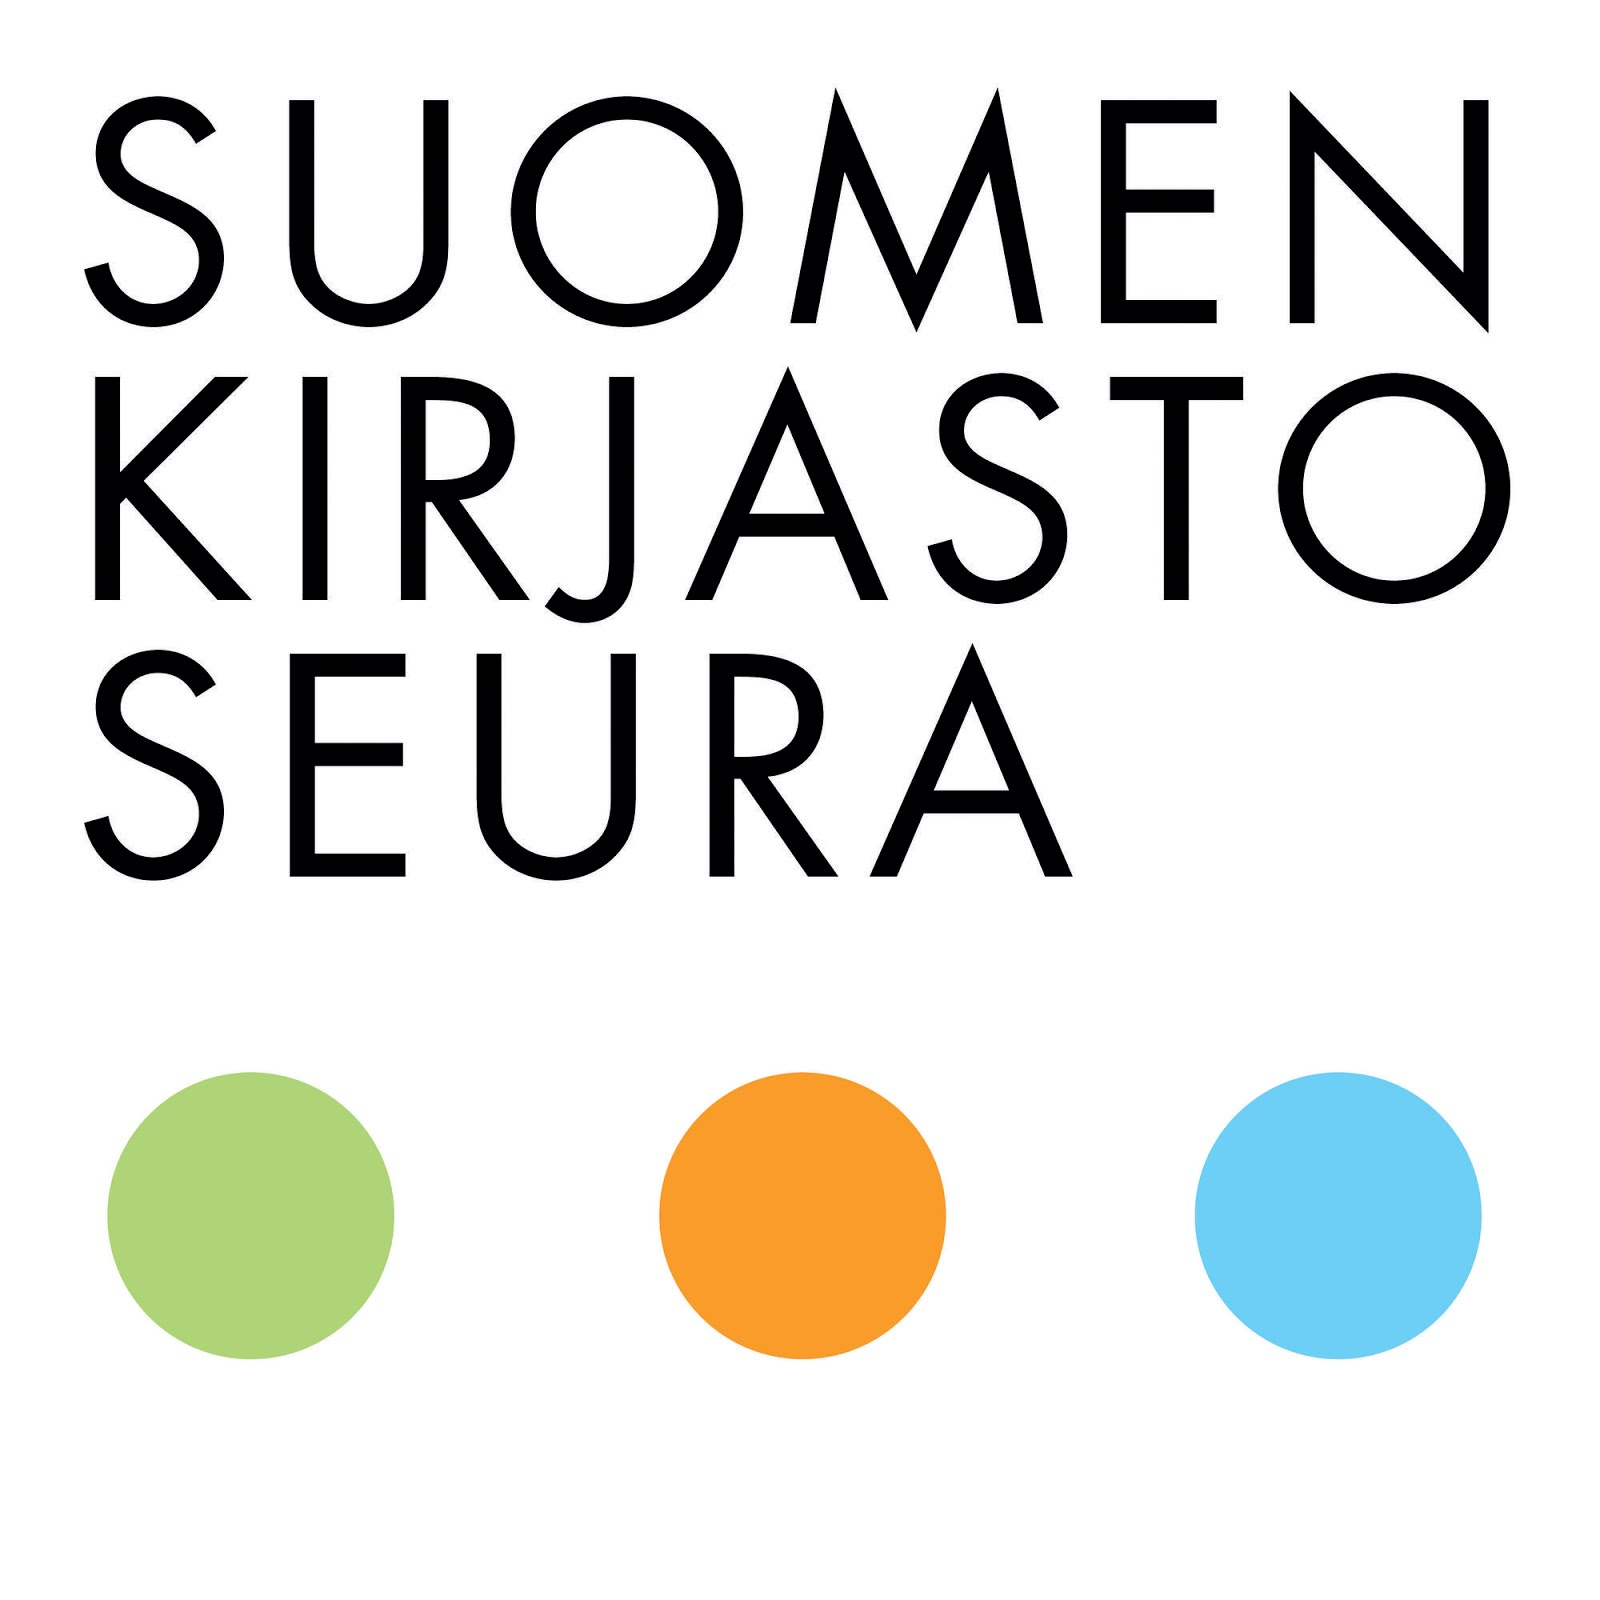 Suomen kirjastoseura